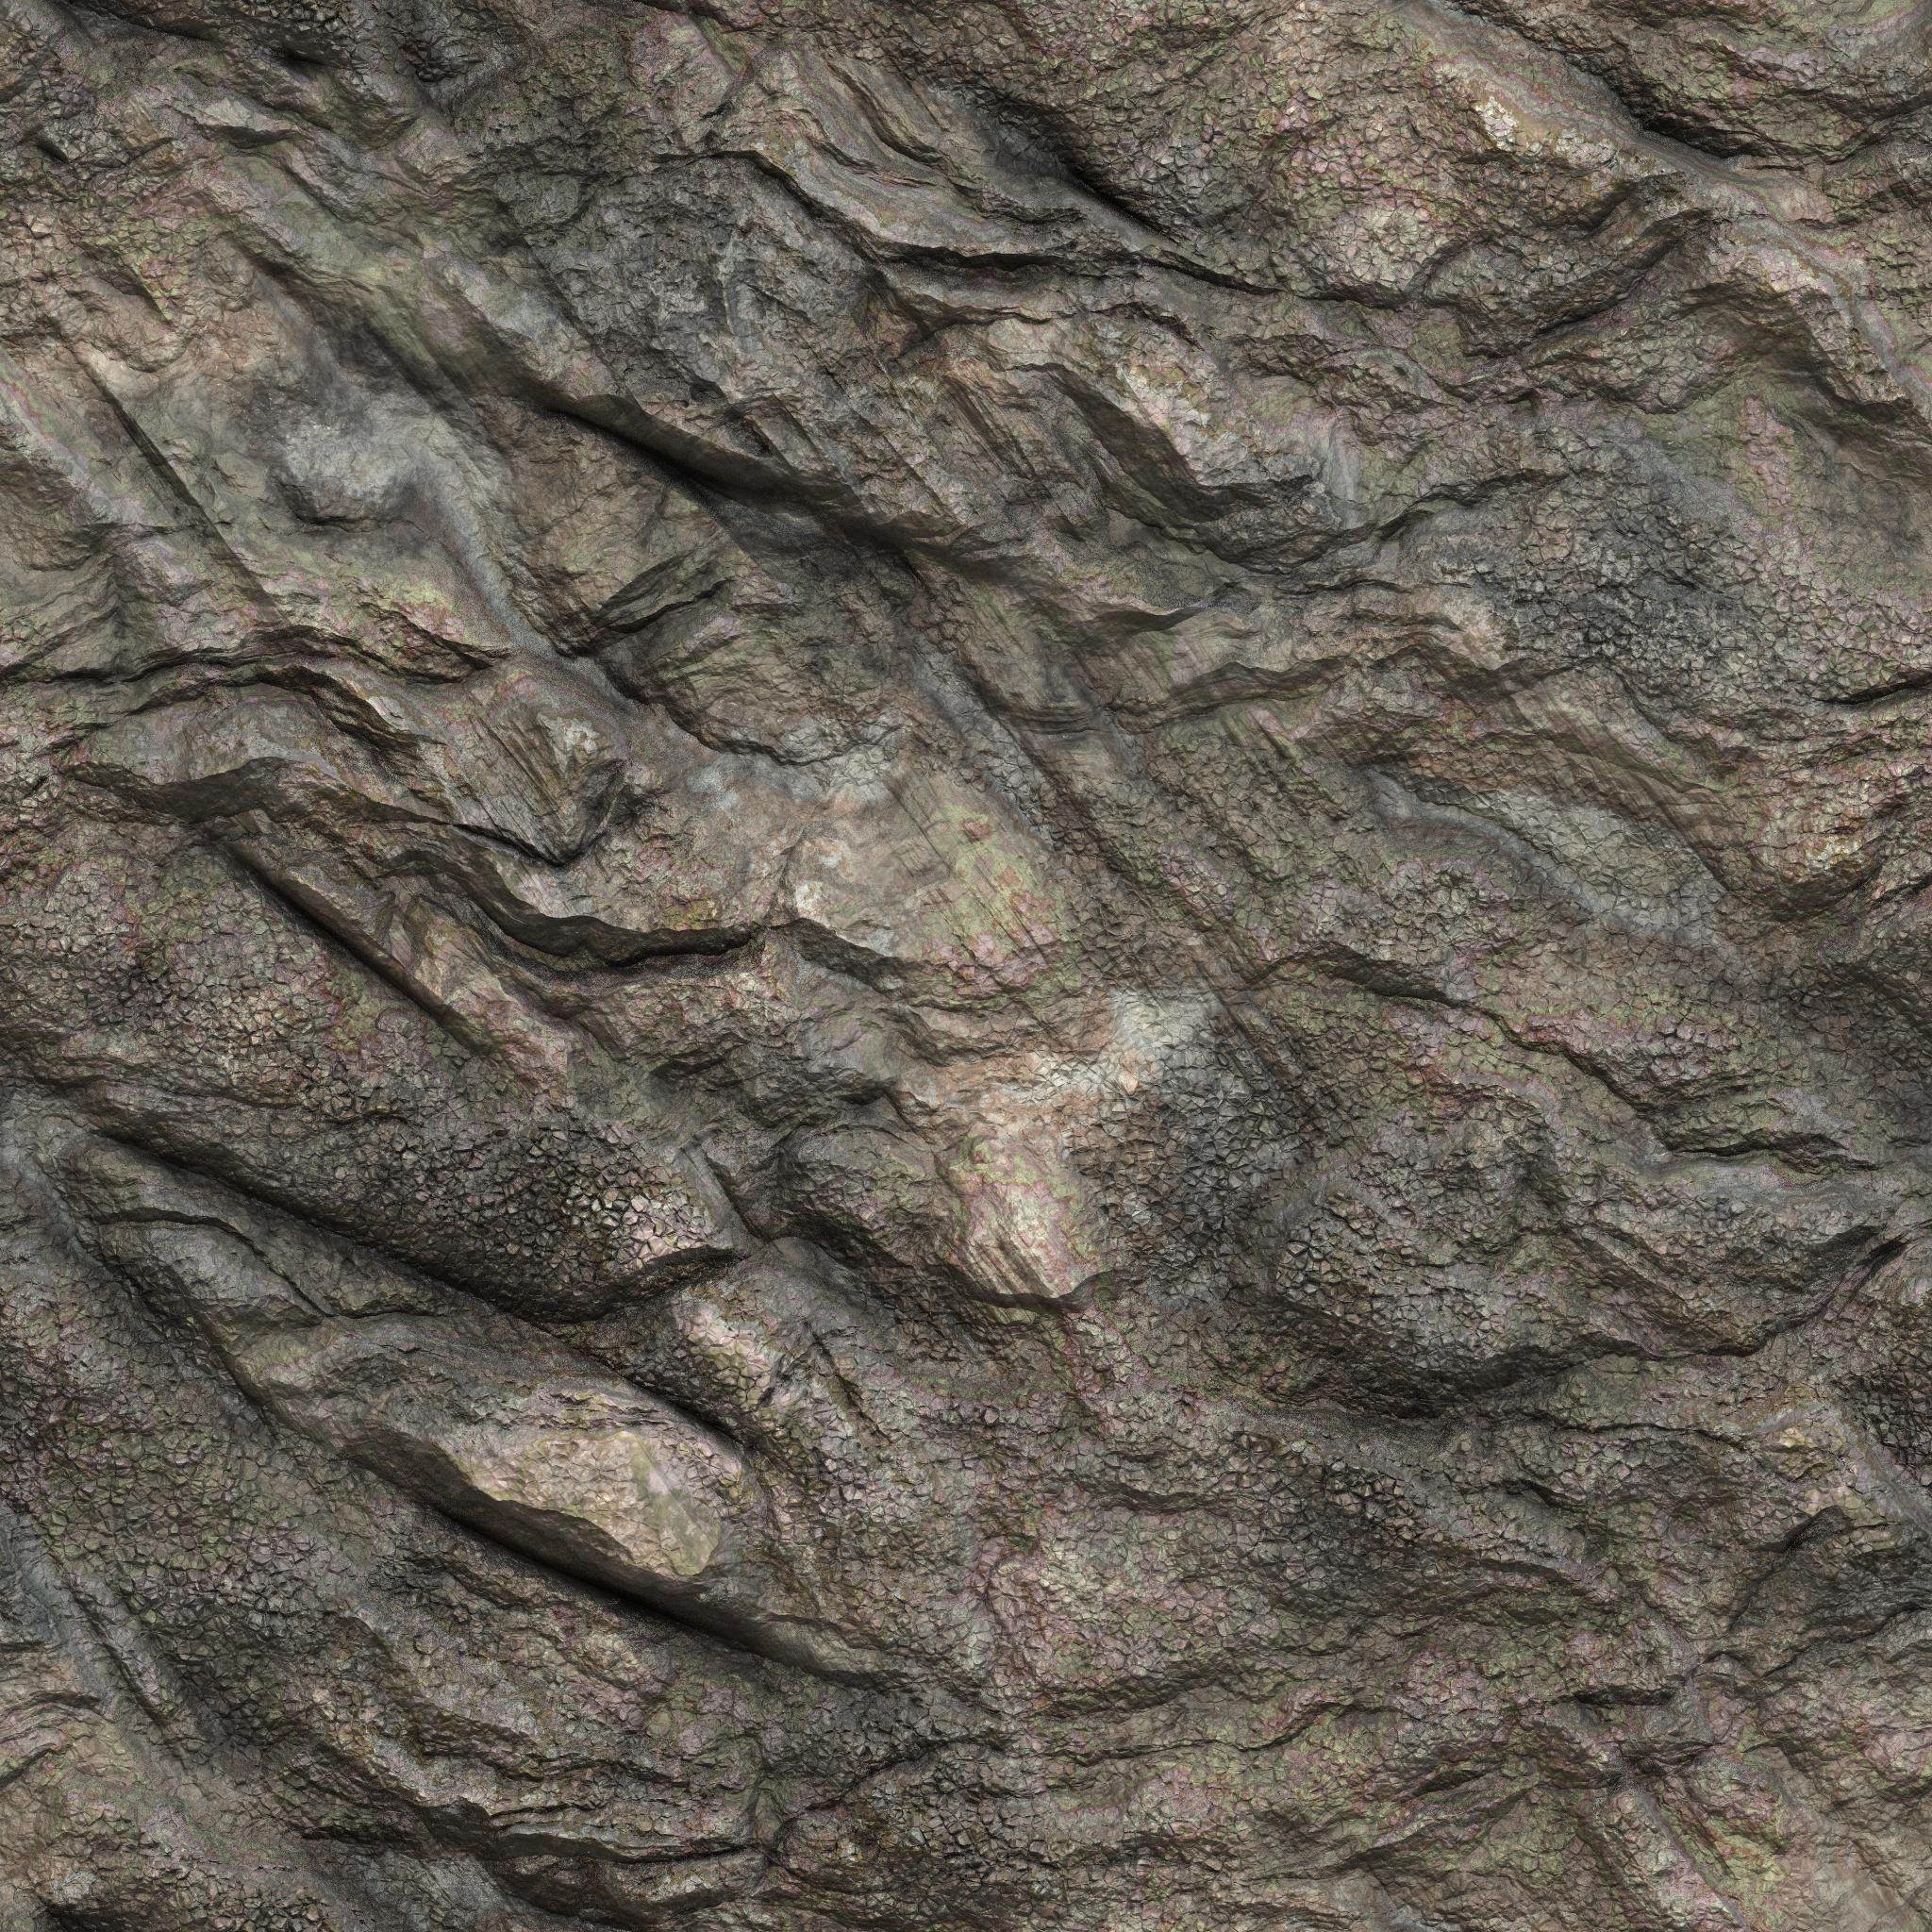 Pin By Dilek Azaklı On Denizaltı Texture Stone Texture